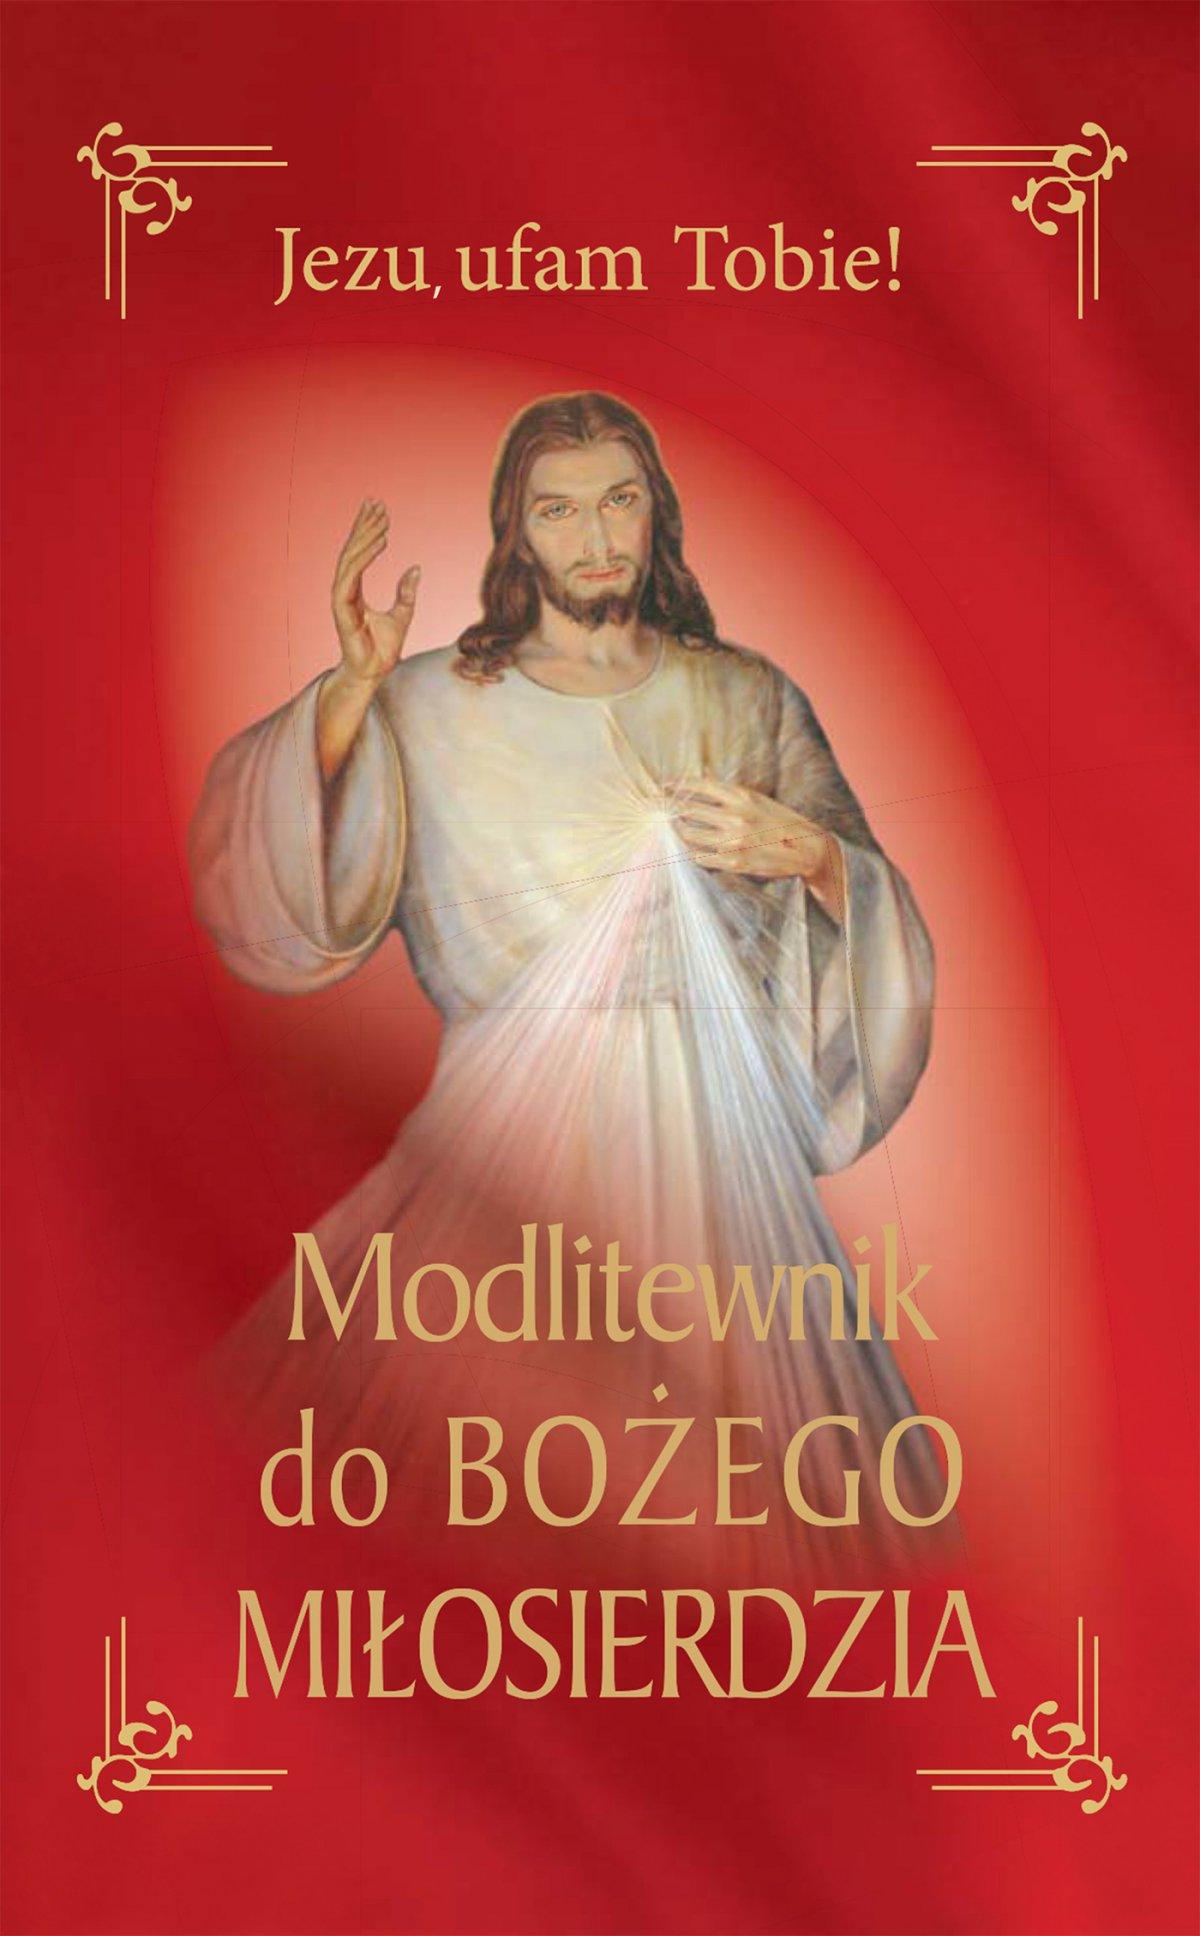 Modlitewnik do Bożego miłosierdzia - Ebook (Książka EPUB) do pobrania w formacie EPUB